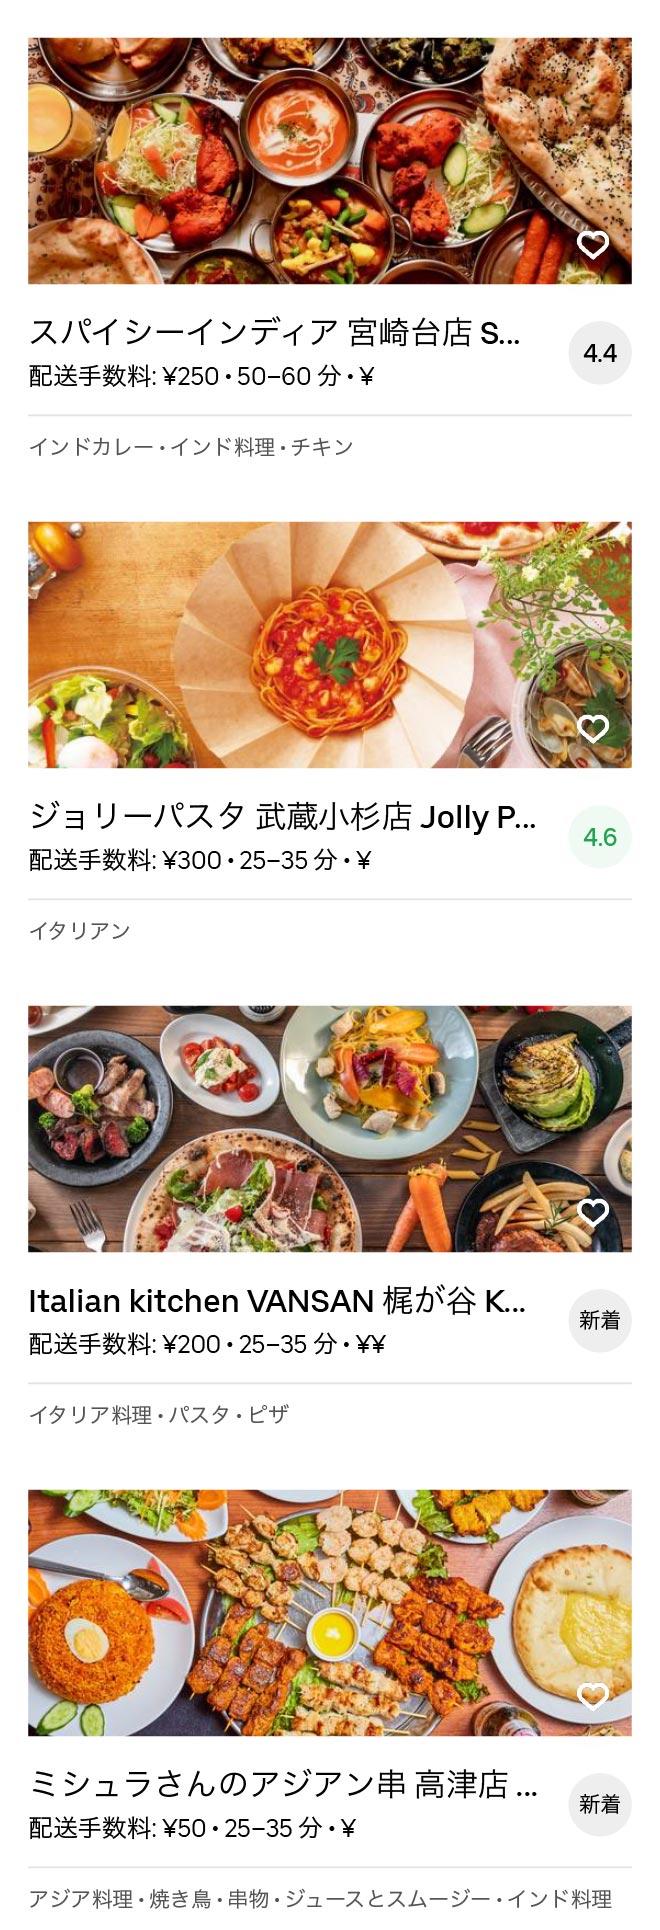 Takatsu menu 2004 10